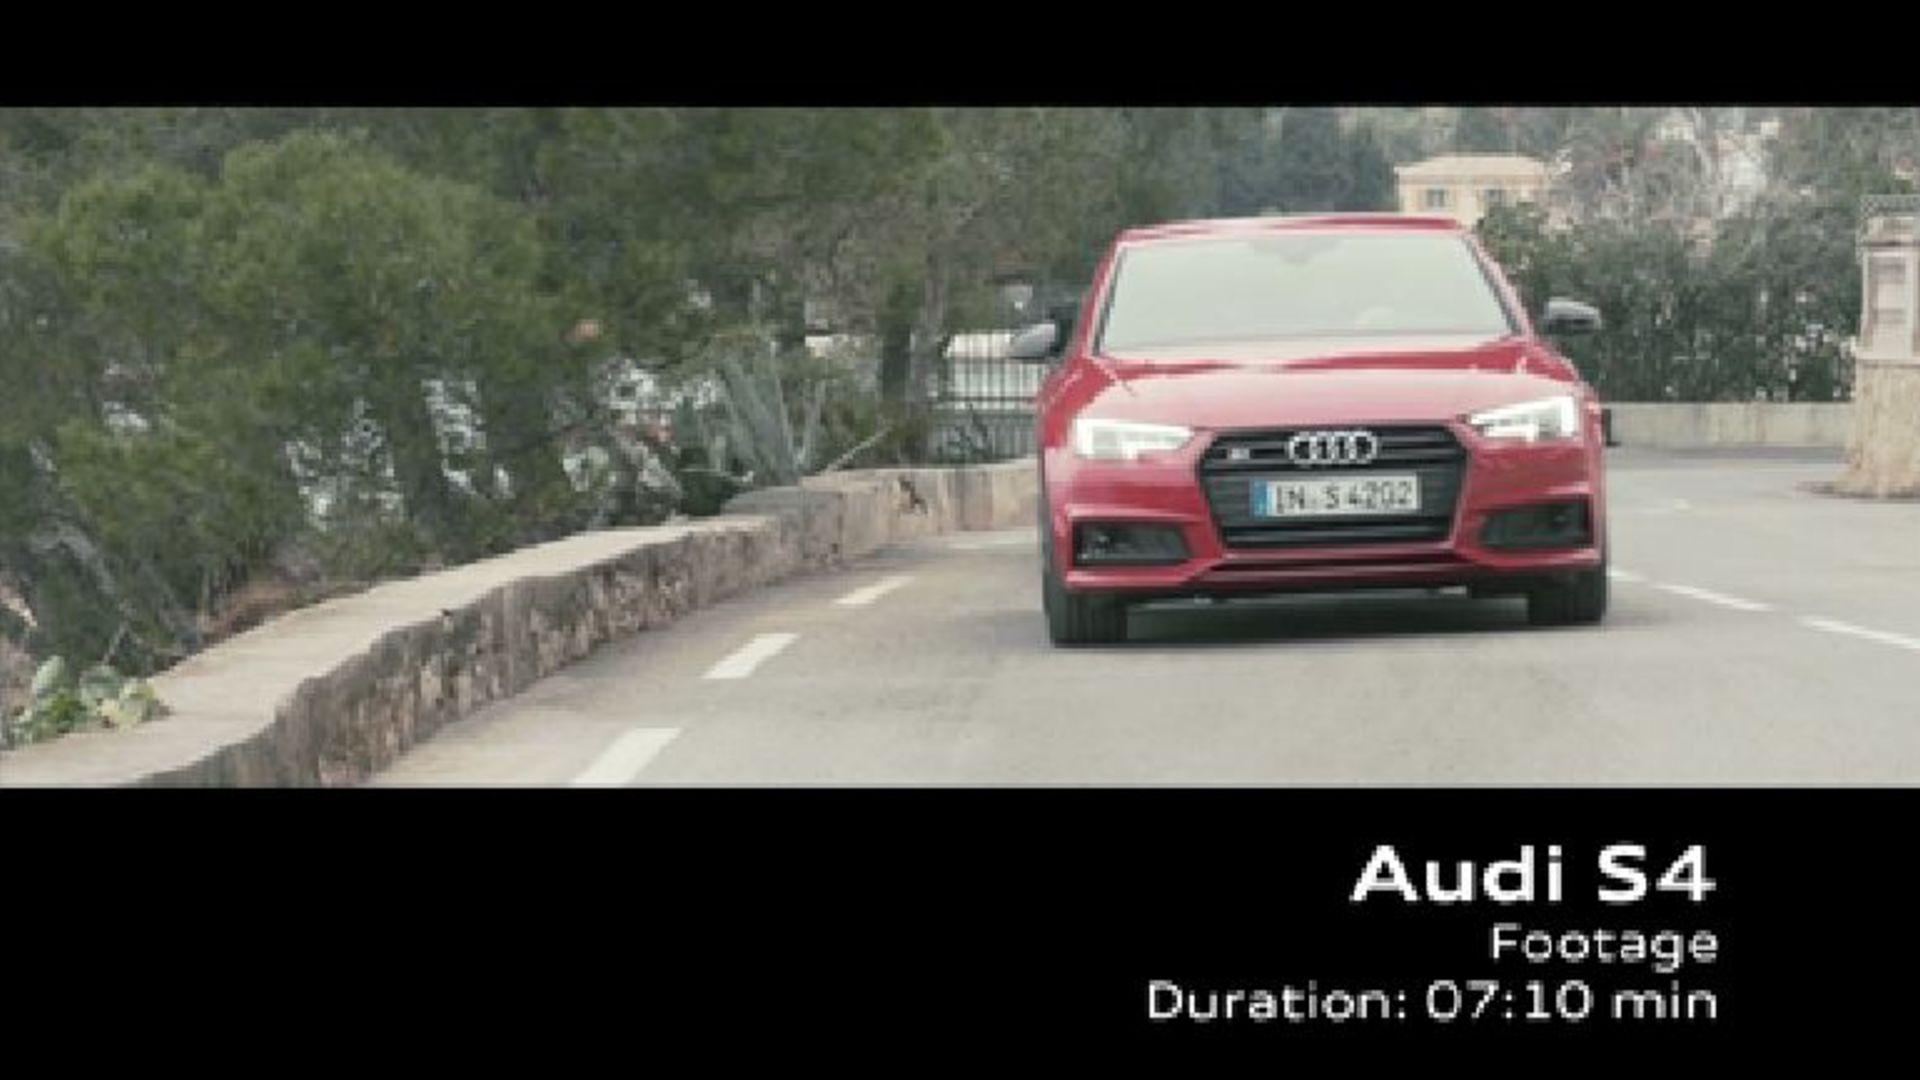 Audi S4 Limousine (2016) – Footage